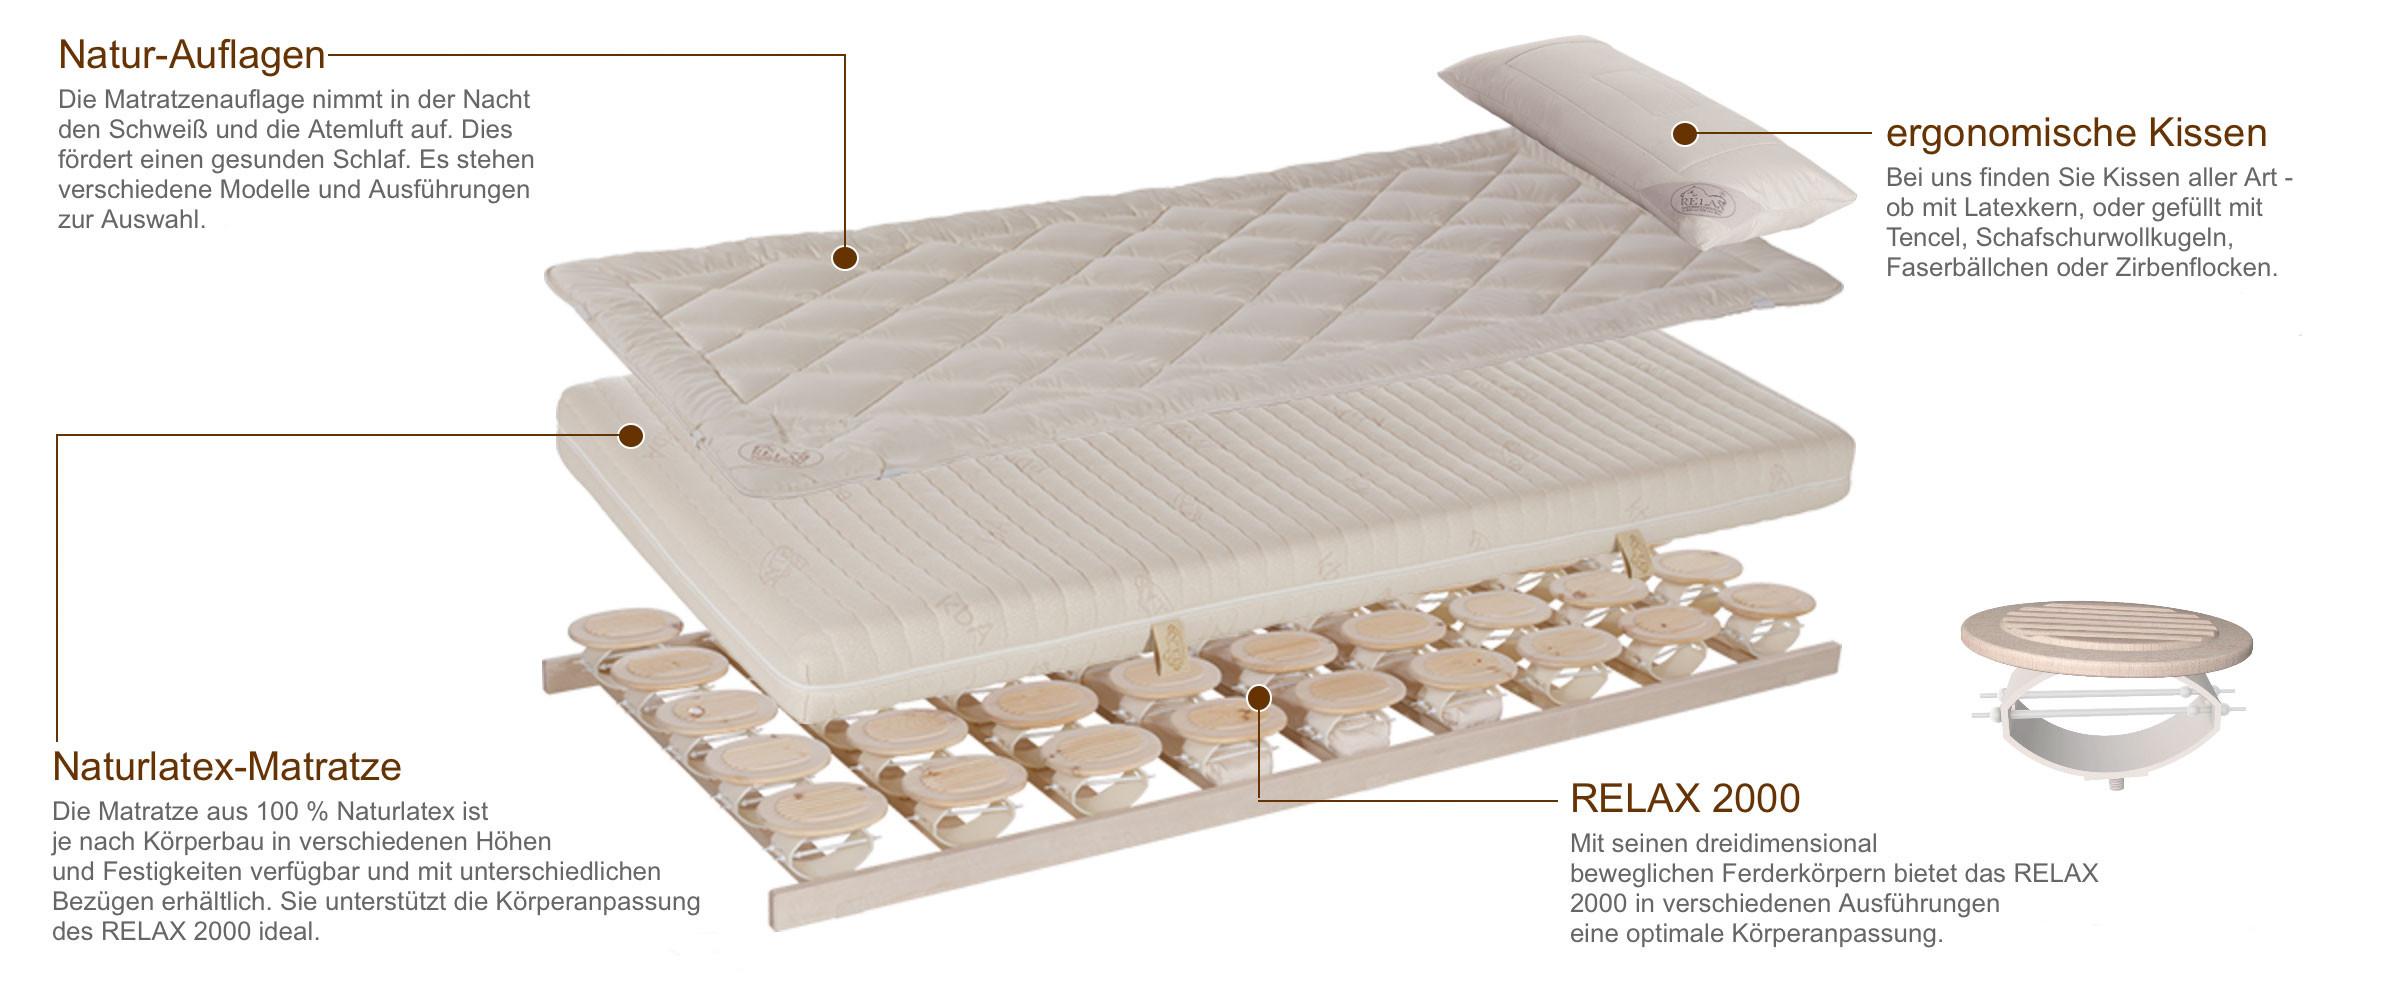 Relax Bettsystem Übersicht Intro